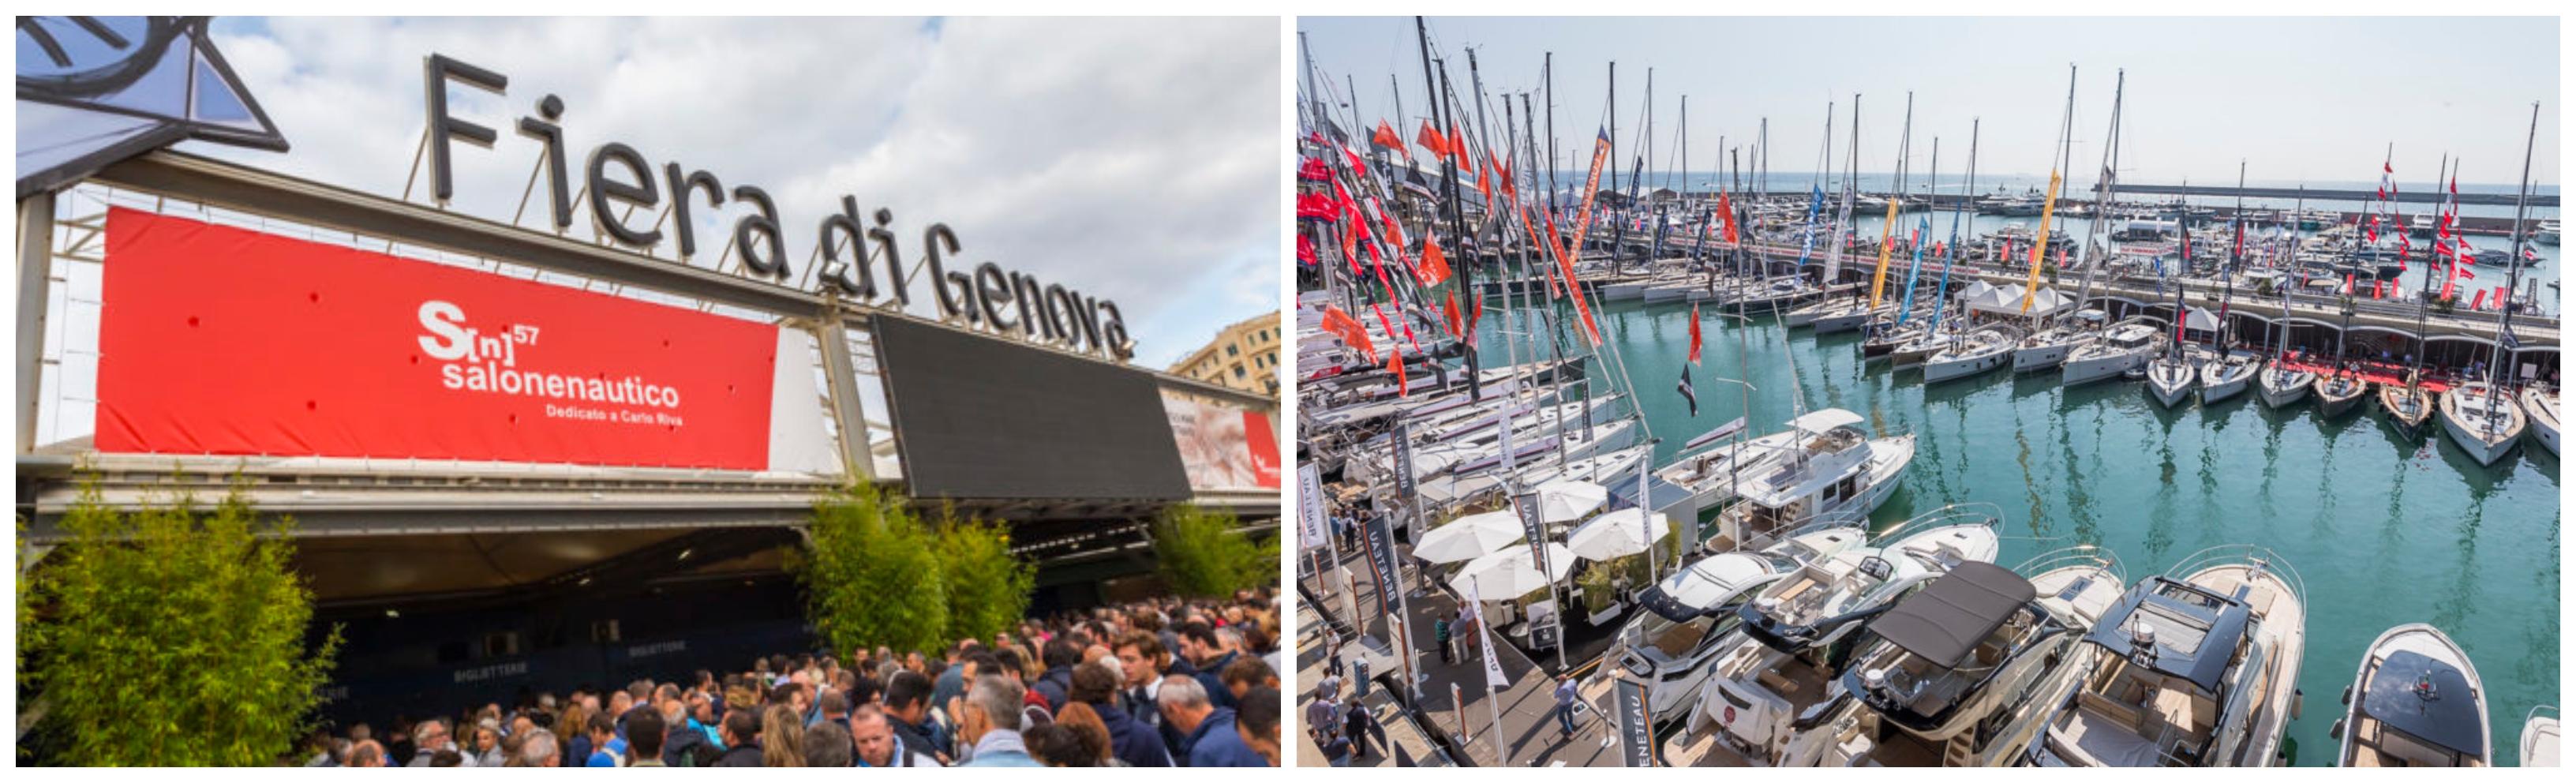 Salone Nautico dI Genova. Foto: salonenautico.com